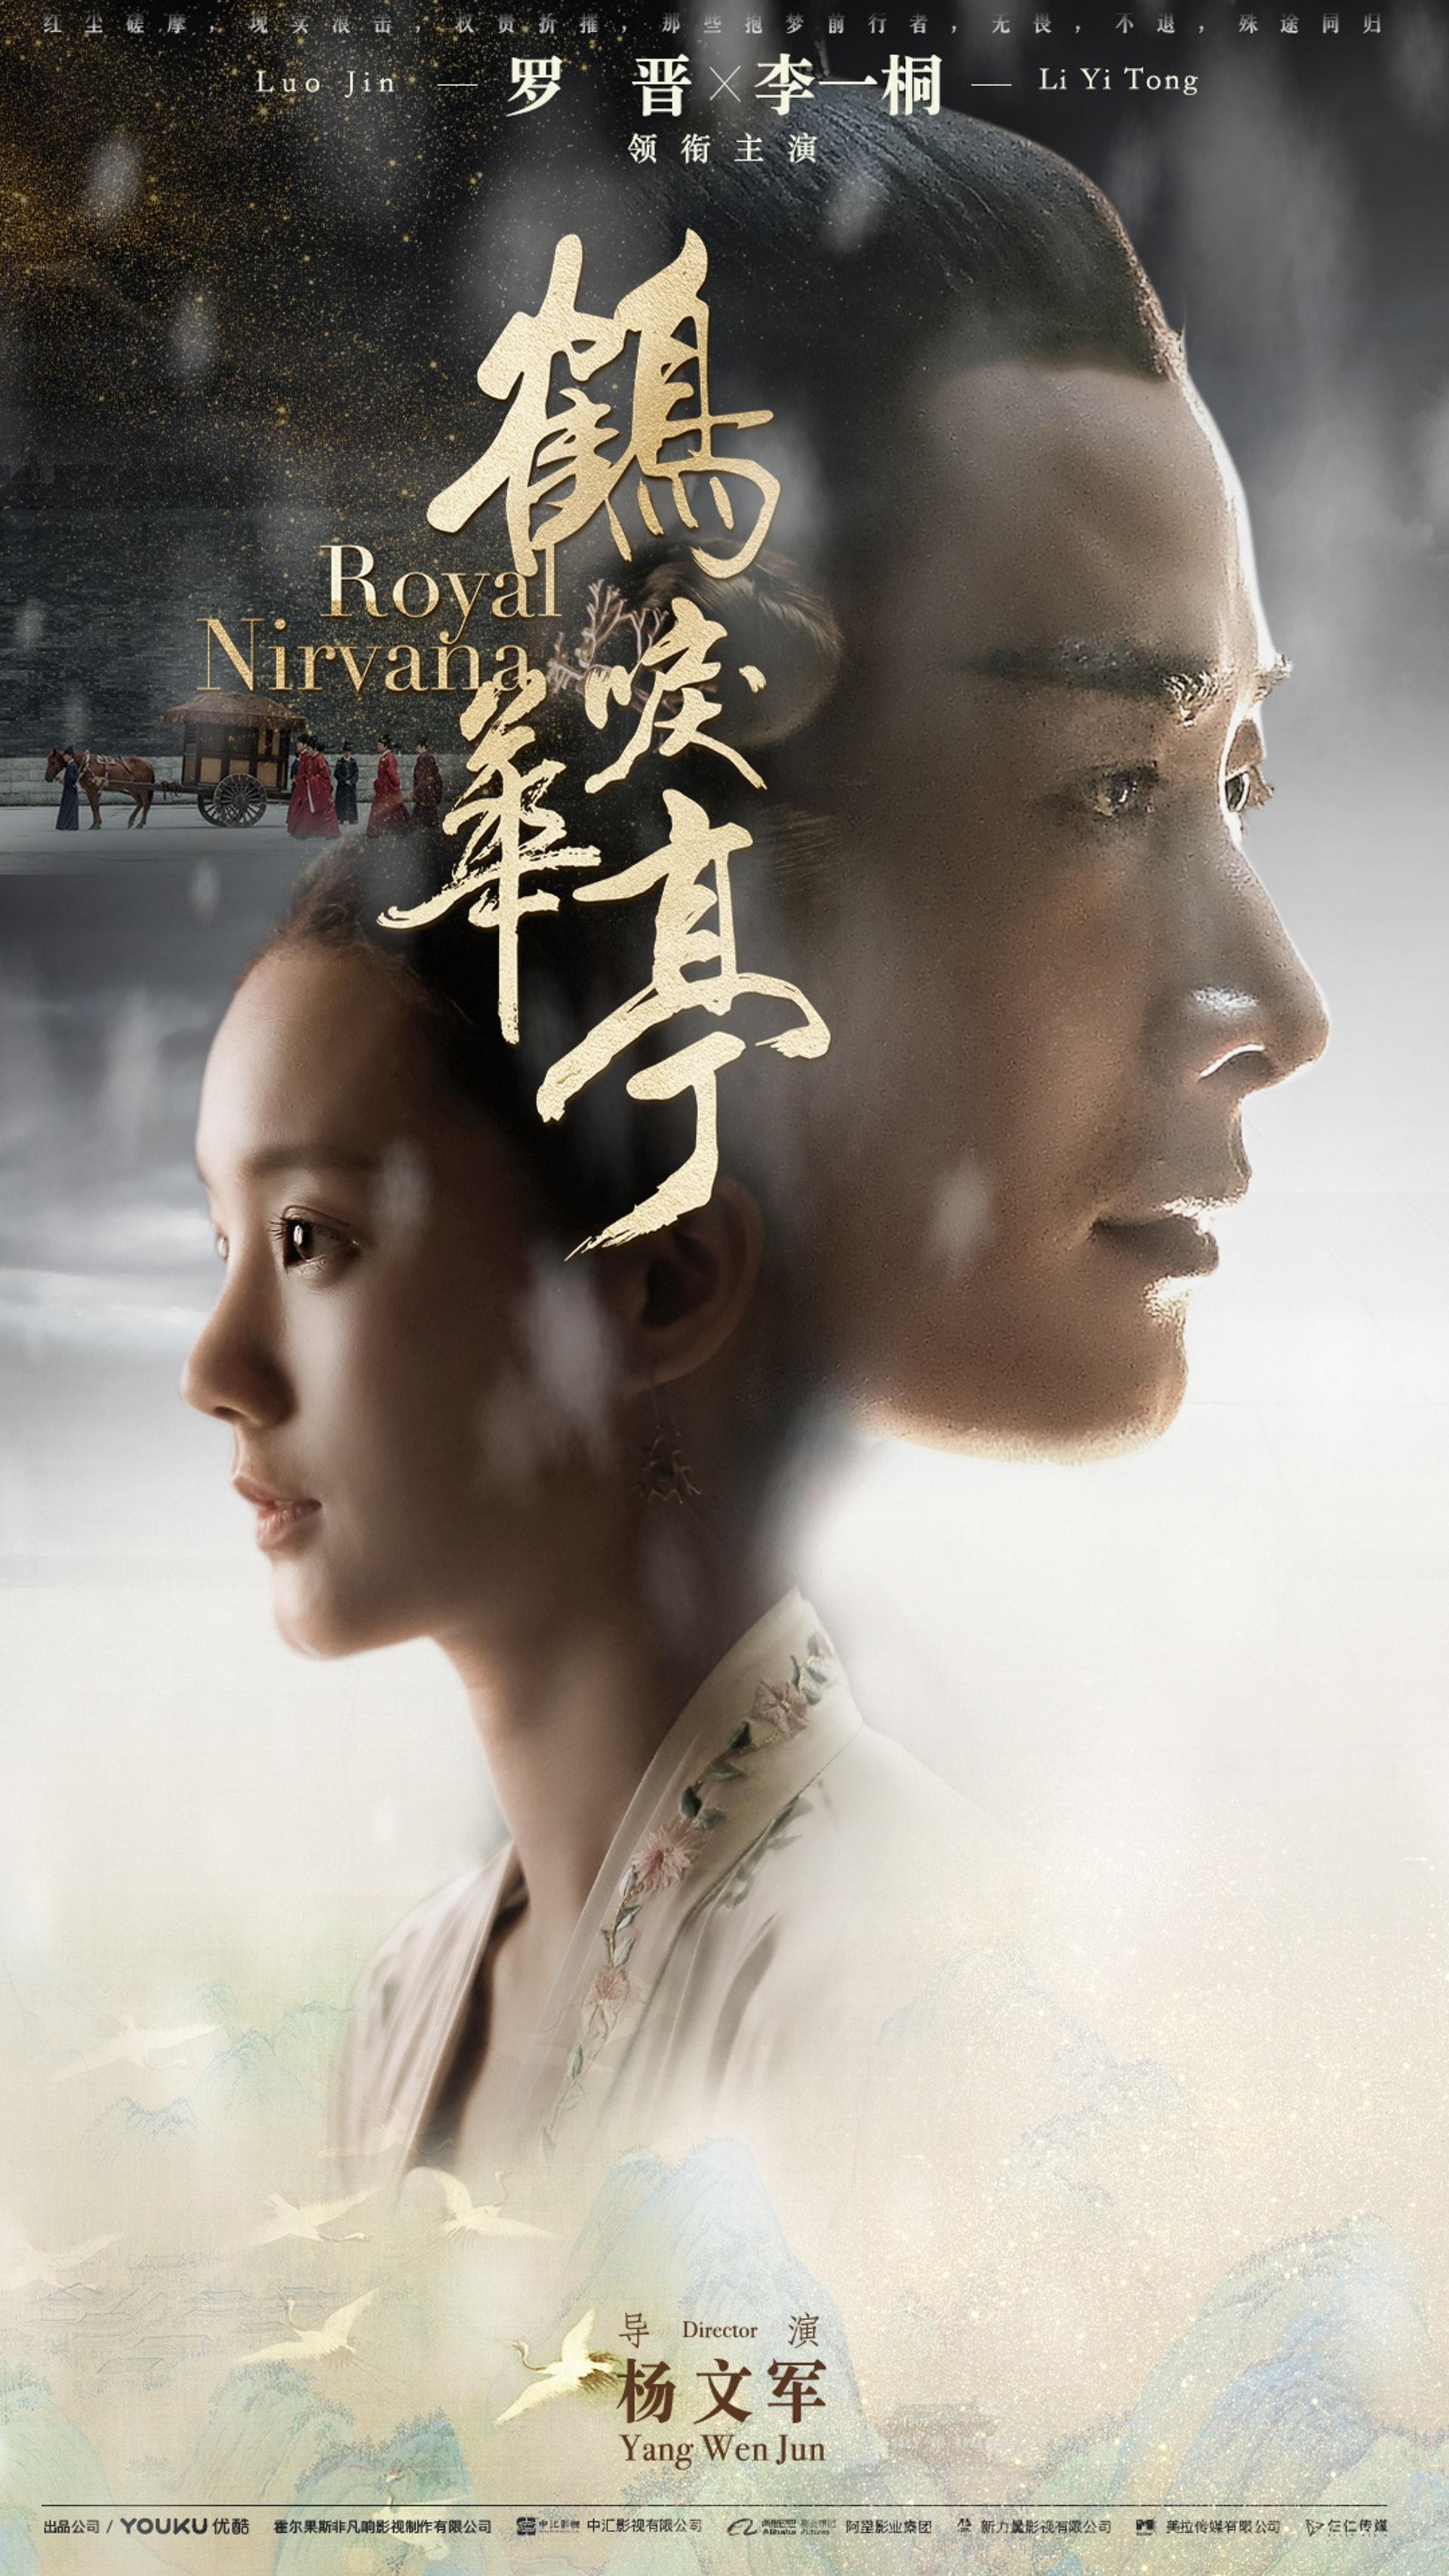 《鶴唳華亭》預計11月開播。(《鶴唳華亭》海報)